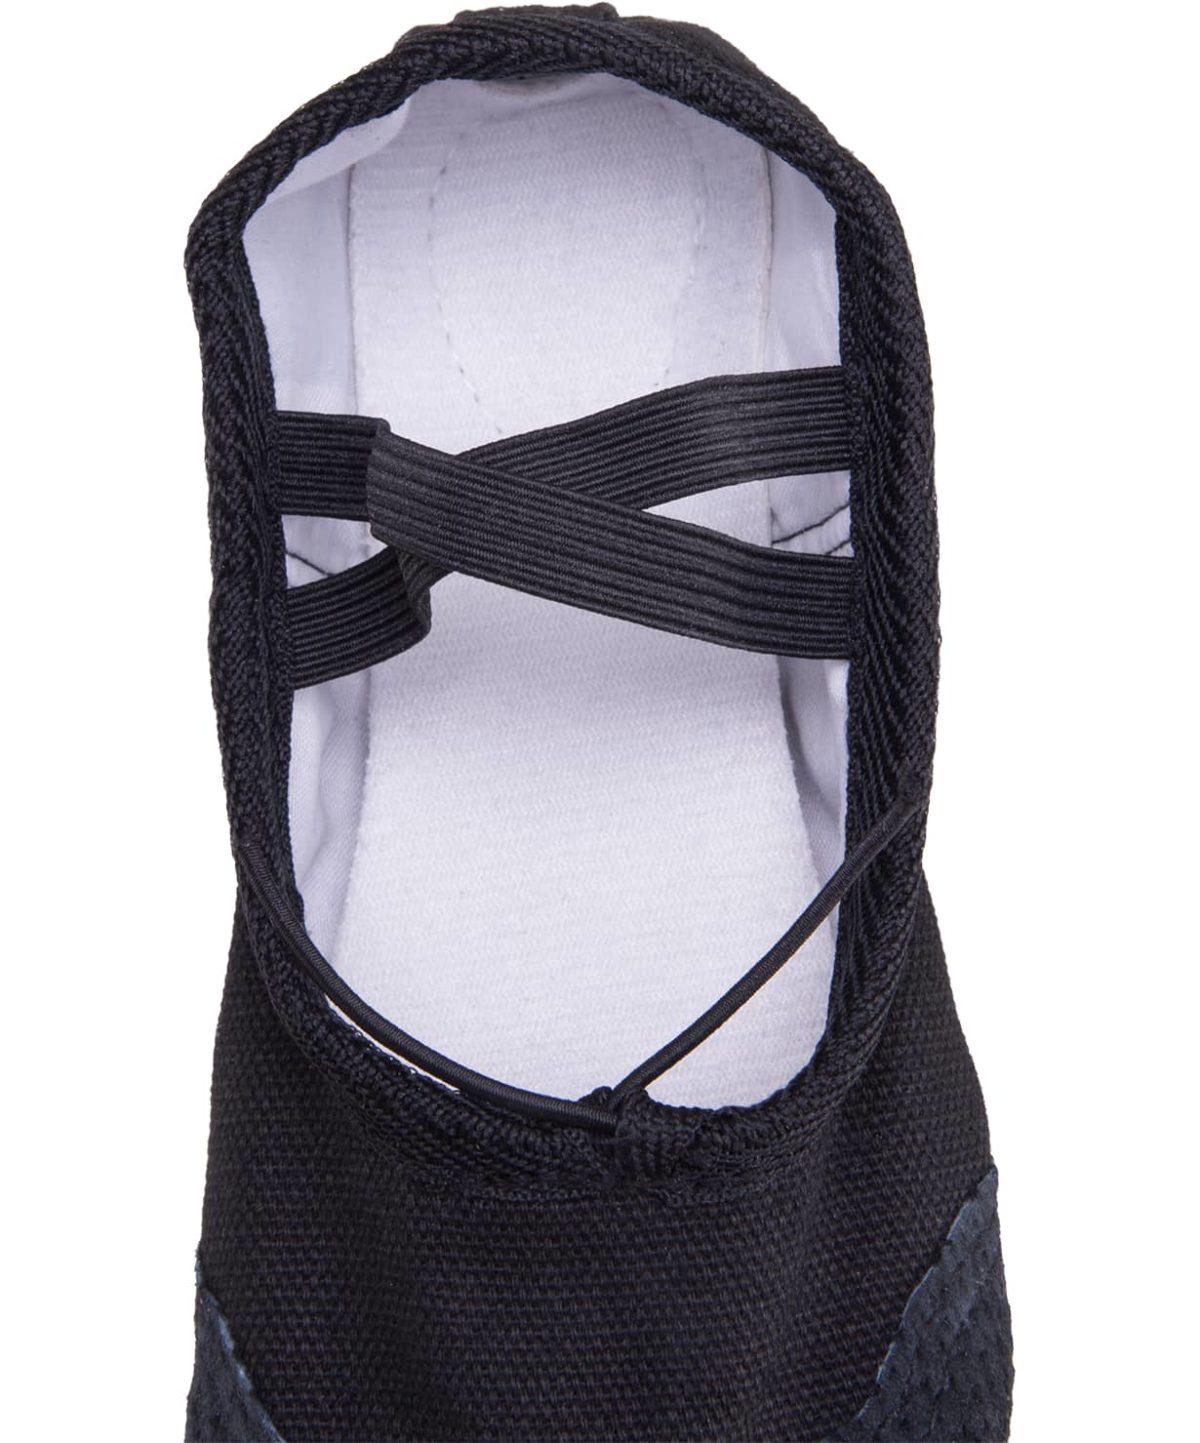 AMELY Балетки детские текстиль (23-37) 1592: чёрный - 2